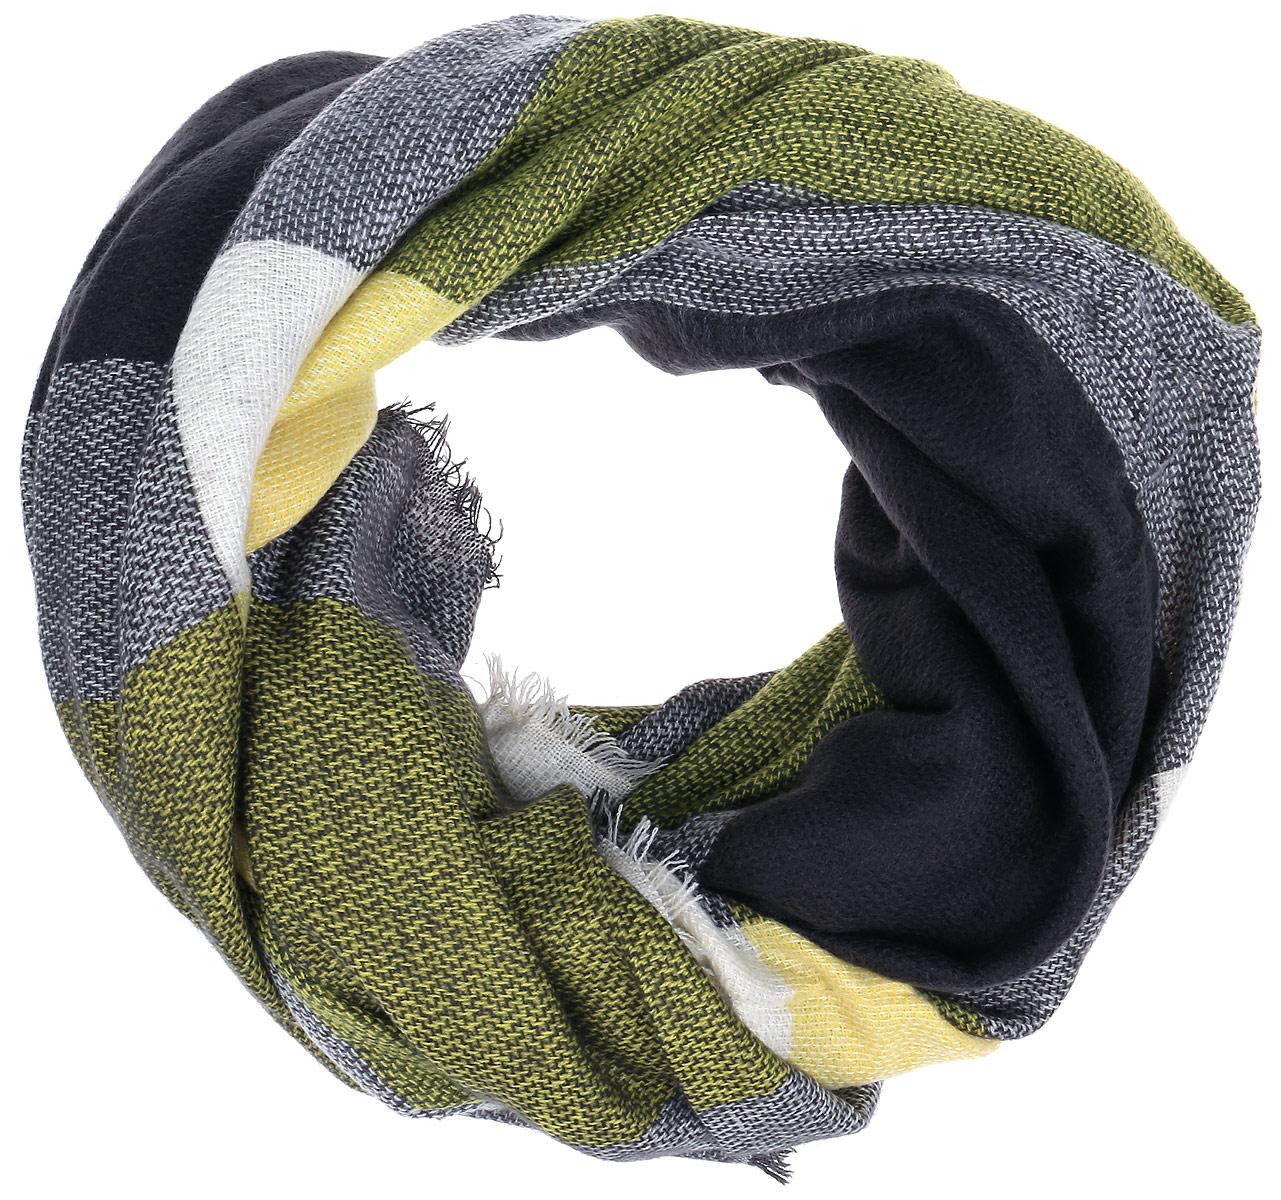 B310_Grey-Yellow CheckedСтильный женский платок Baon станет великолепным завершением любого наряда. Платок изготовлен из высококачественного акрила с добавлением шерсти и оформлен оригинальными принтом в клетку. По краям платок оформлен тонкой бахромой. Легкий, теплый, мягкий и шелковистый платок поможет вам создать изысканный женственный образ, а также согреет в непогоду. Такой платок превосходно дополнит любой наряд и подчеркнет ваш неповторимый вкус и элегантность.